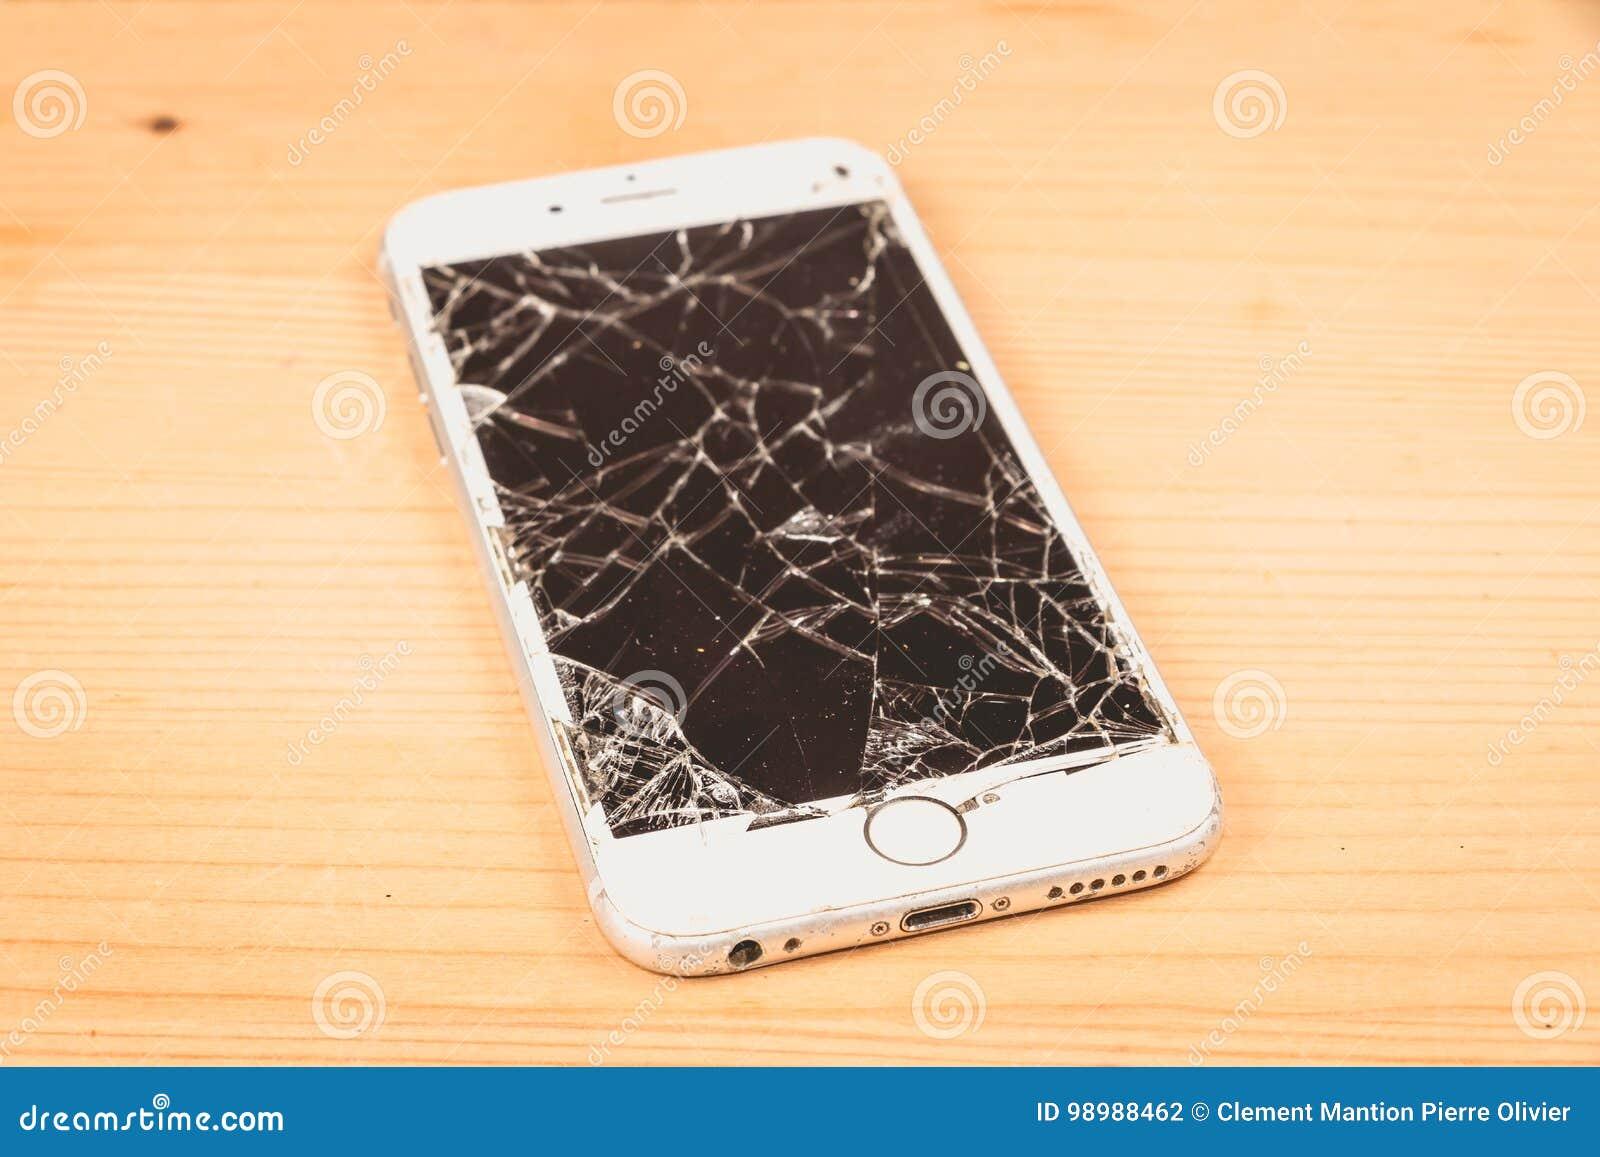 Łamany iPhone 6S rozwijał firmą Apple Inc